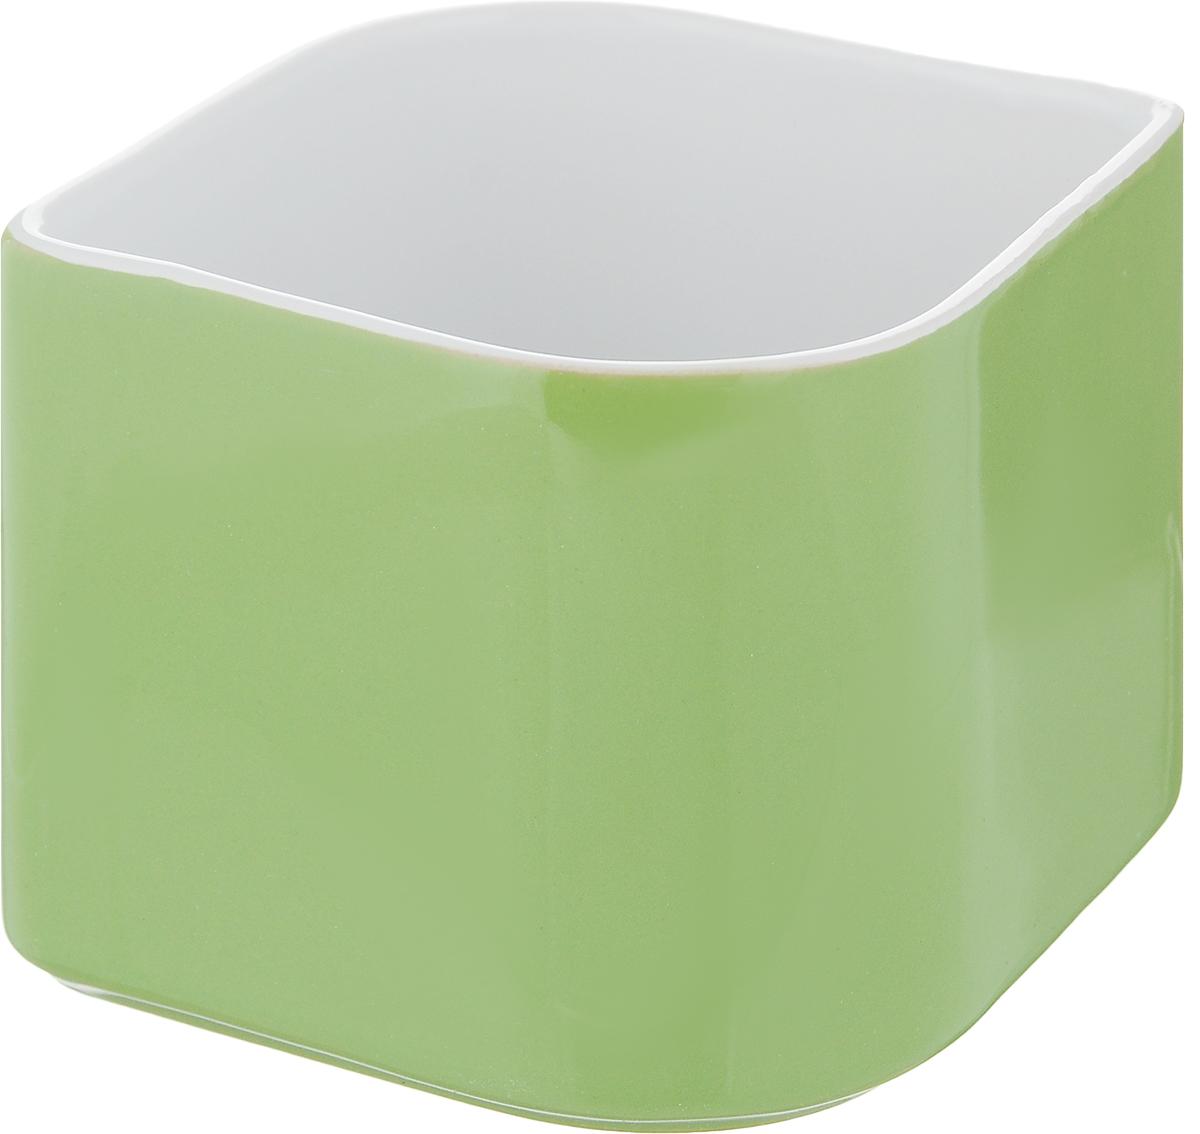 Декоративный цветочный горшок Tescoma Sense цвет: зеленый, 899030899030_зеленыйДекоративный цветочный горшок Tescoma Sense цвет: зеленый, 899030